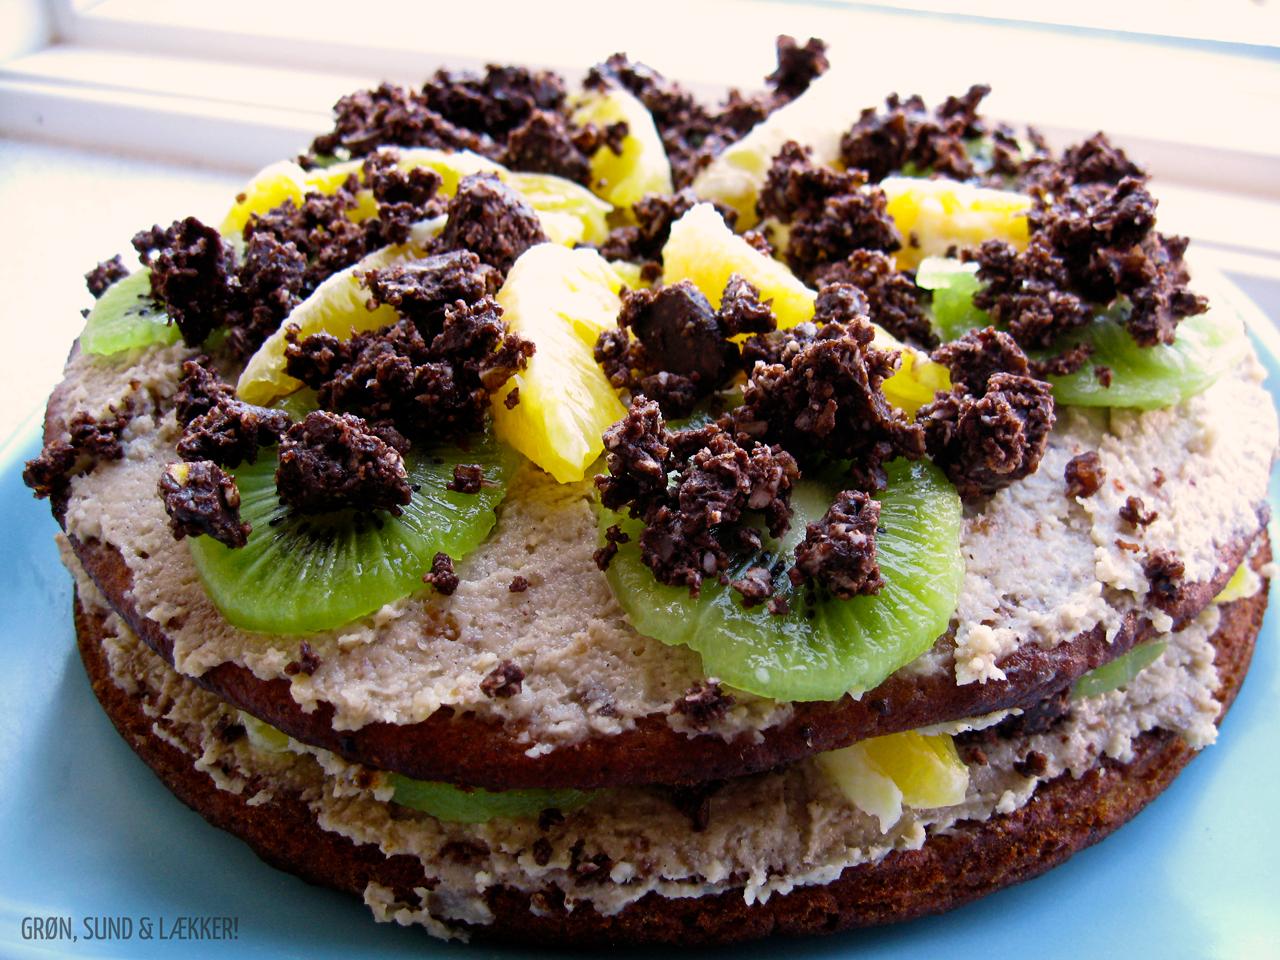 Vegansk Kage Grøn Sund Lækker